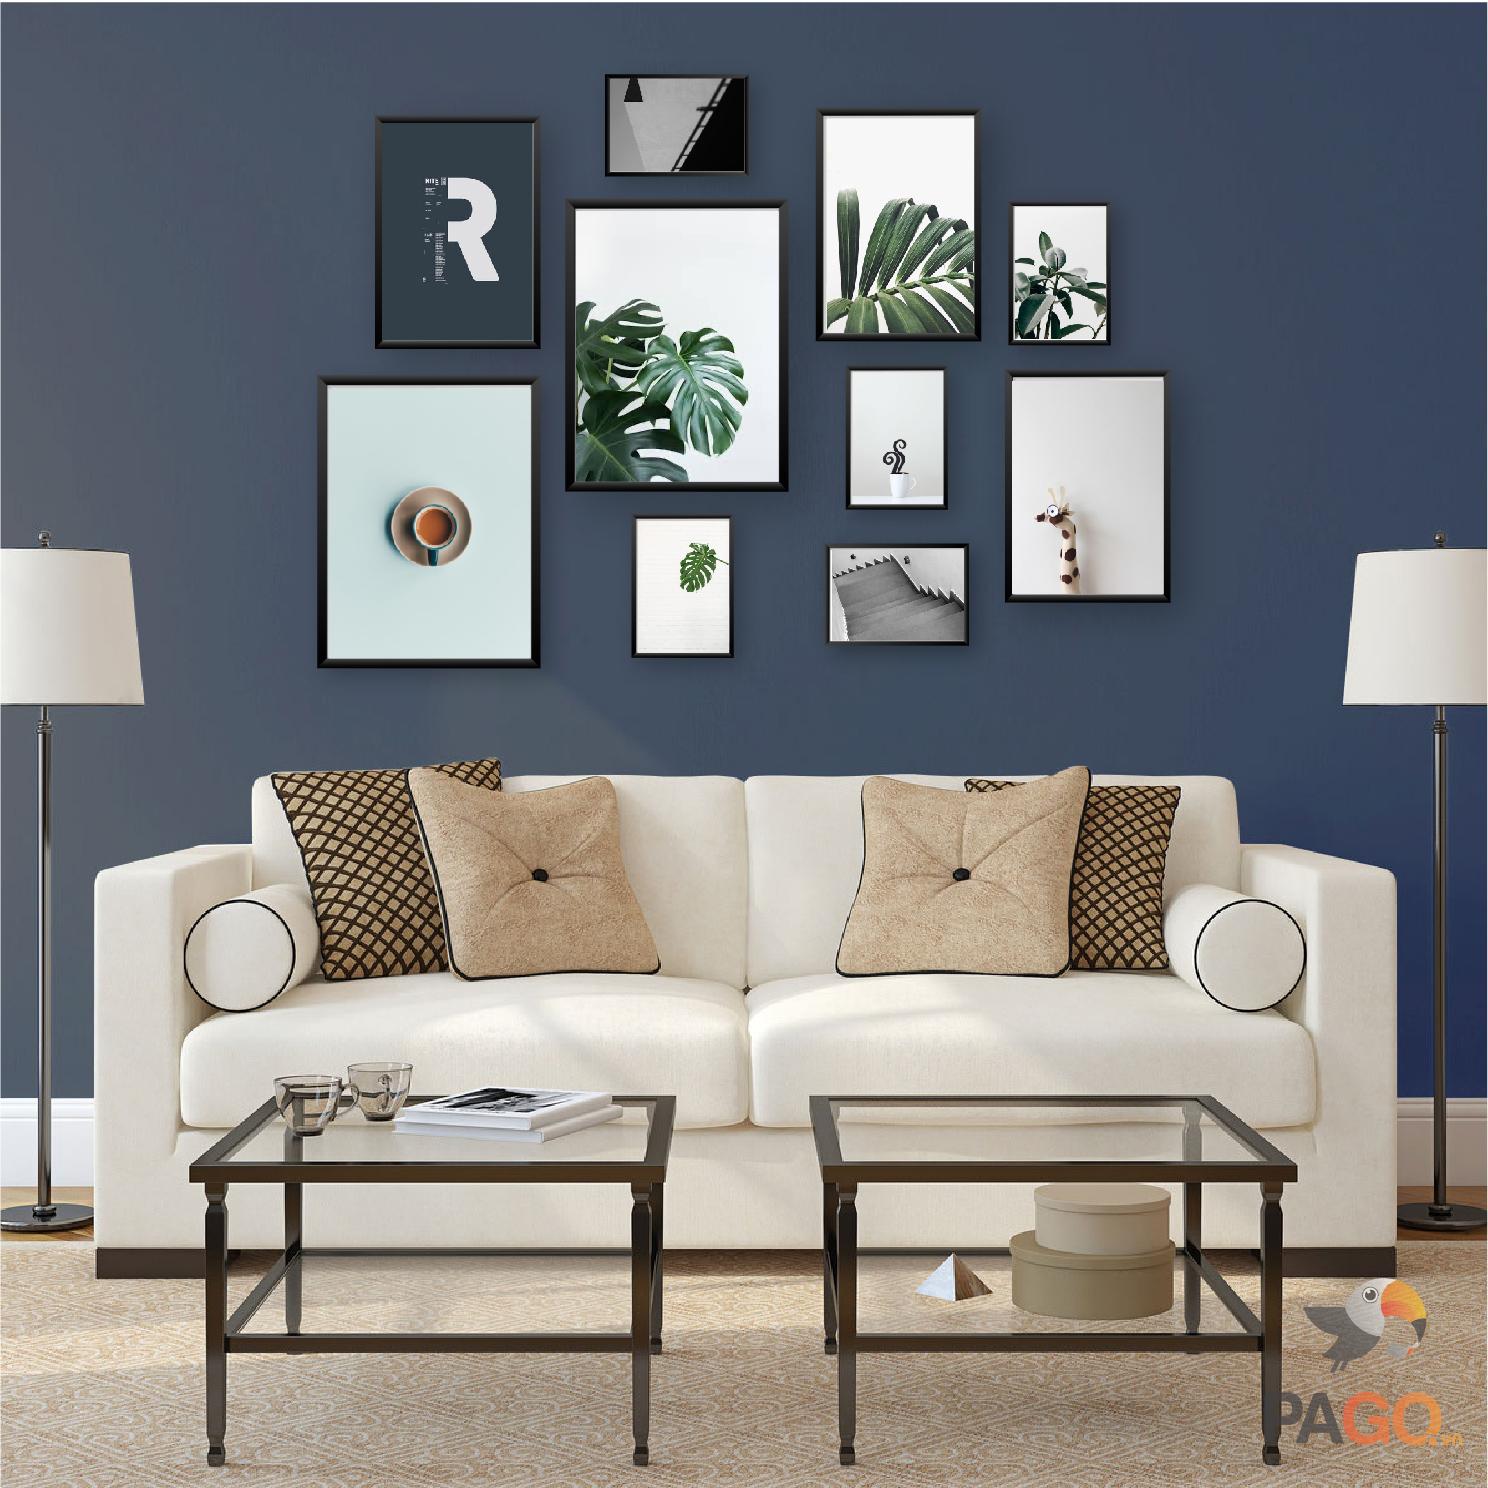 Combo 10 khung ảnh gỗ trang trí nghệ thuật kèm hình – C10-302013